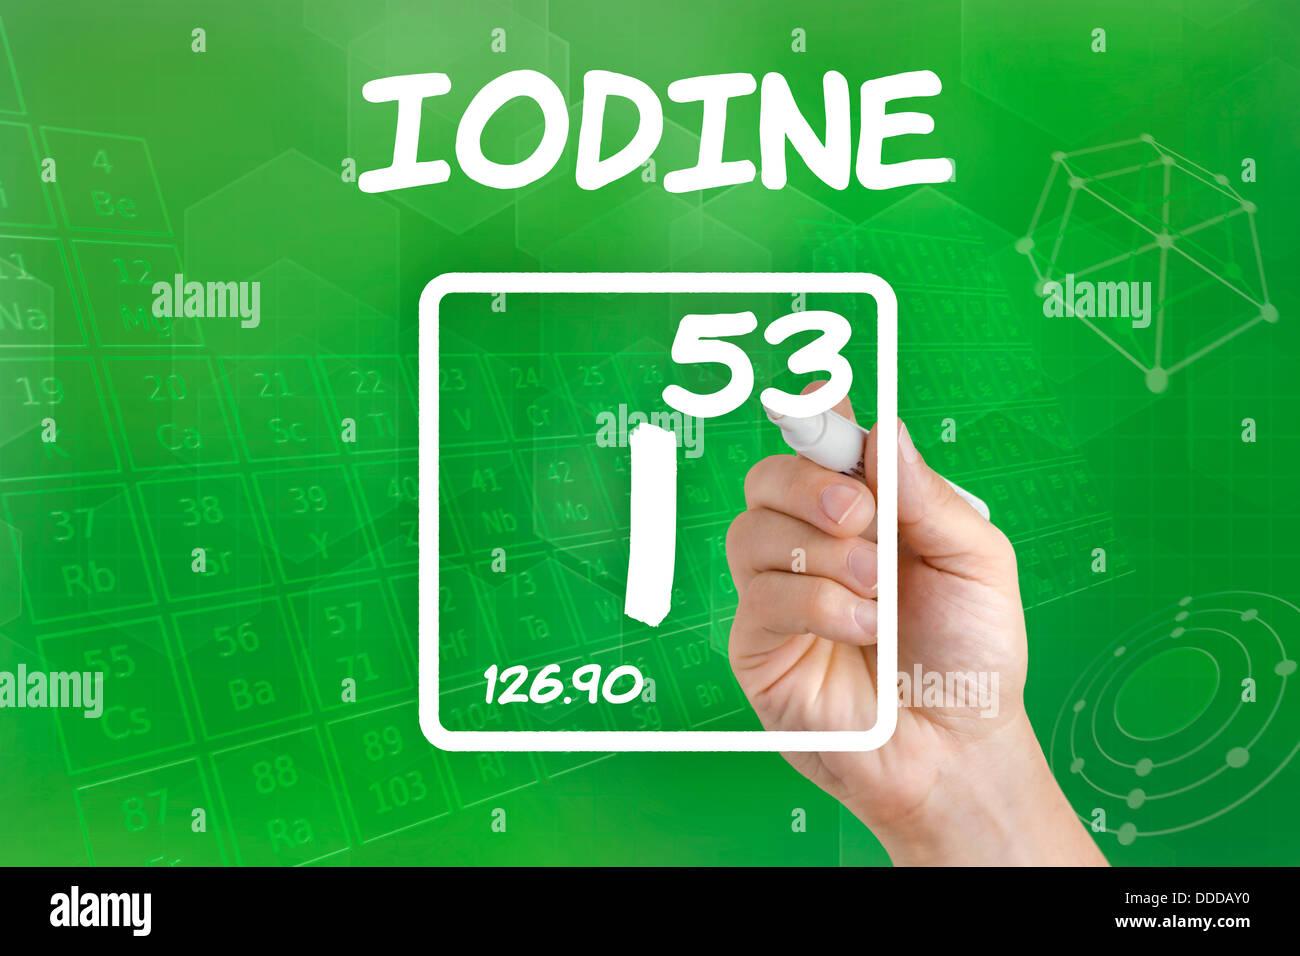 Iodine Chemical Element Periodic Table Stock Photos Iodine